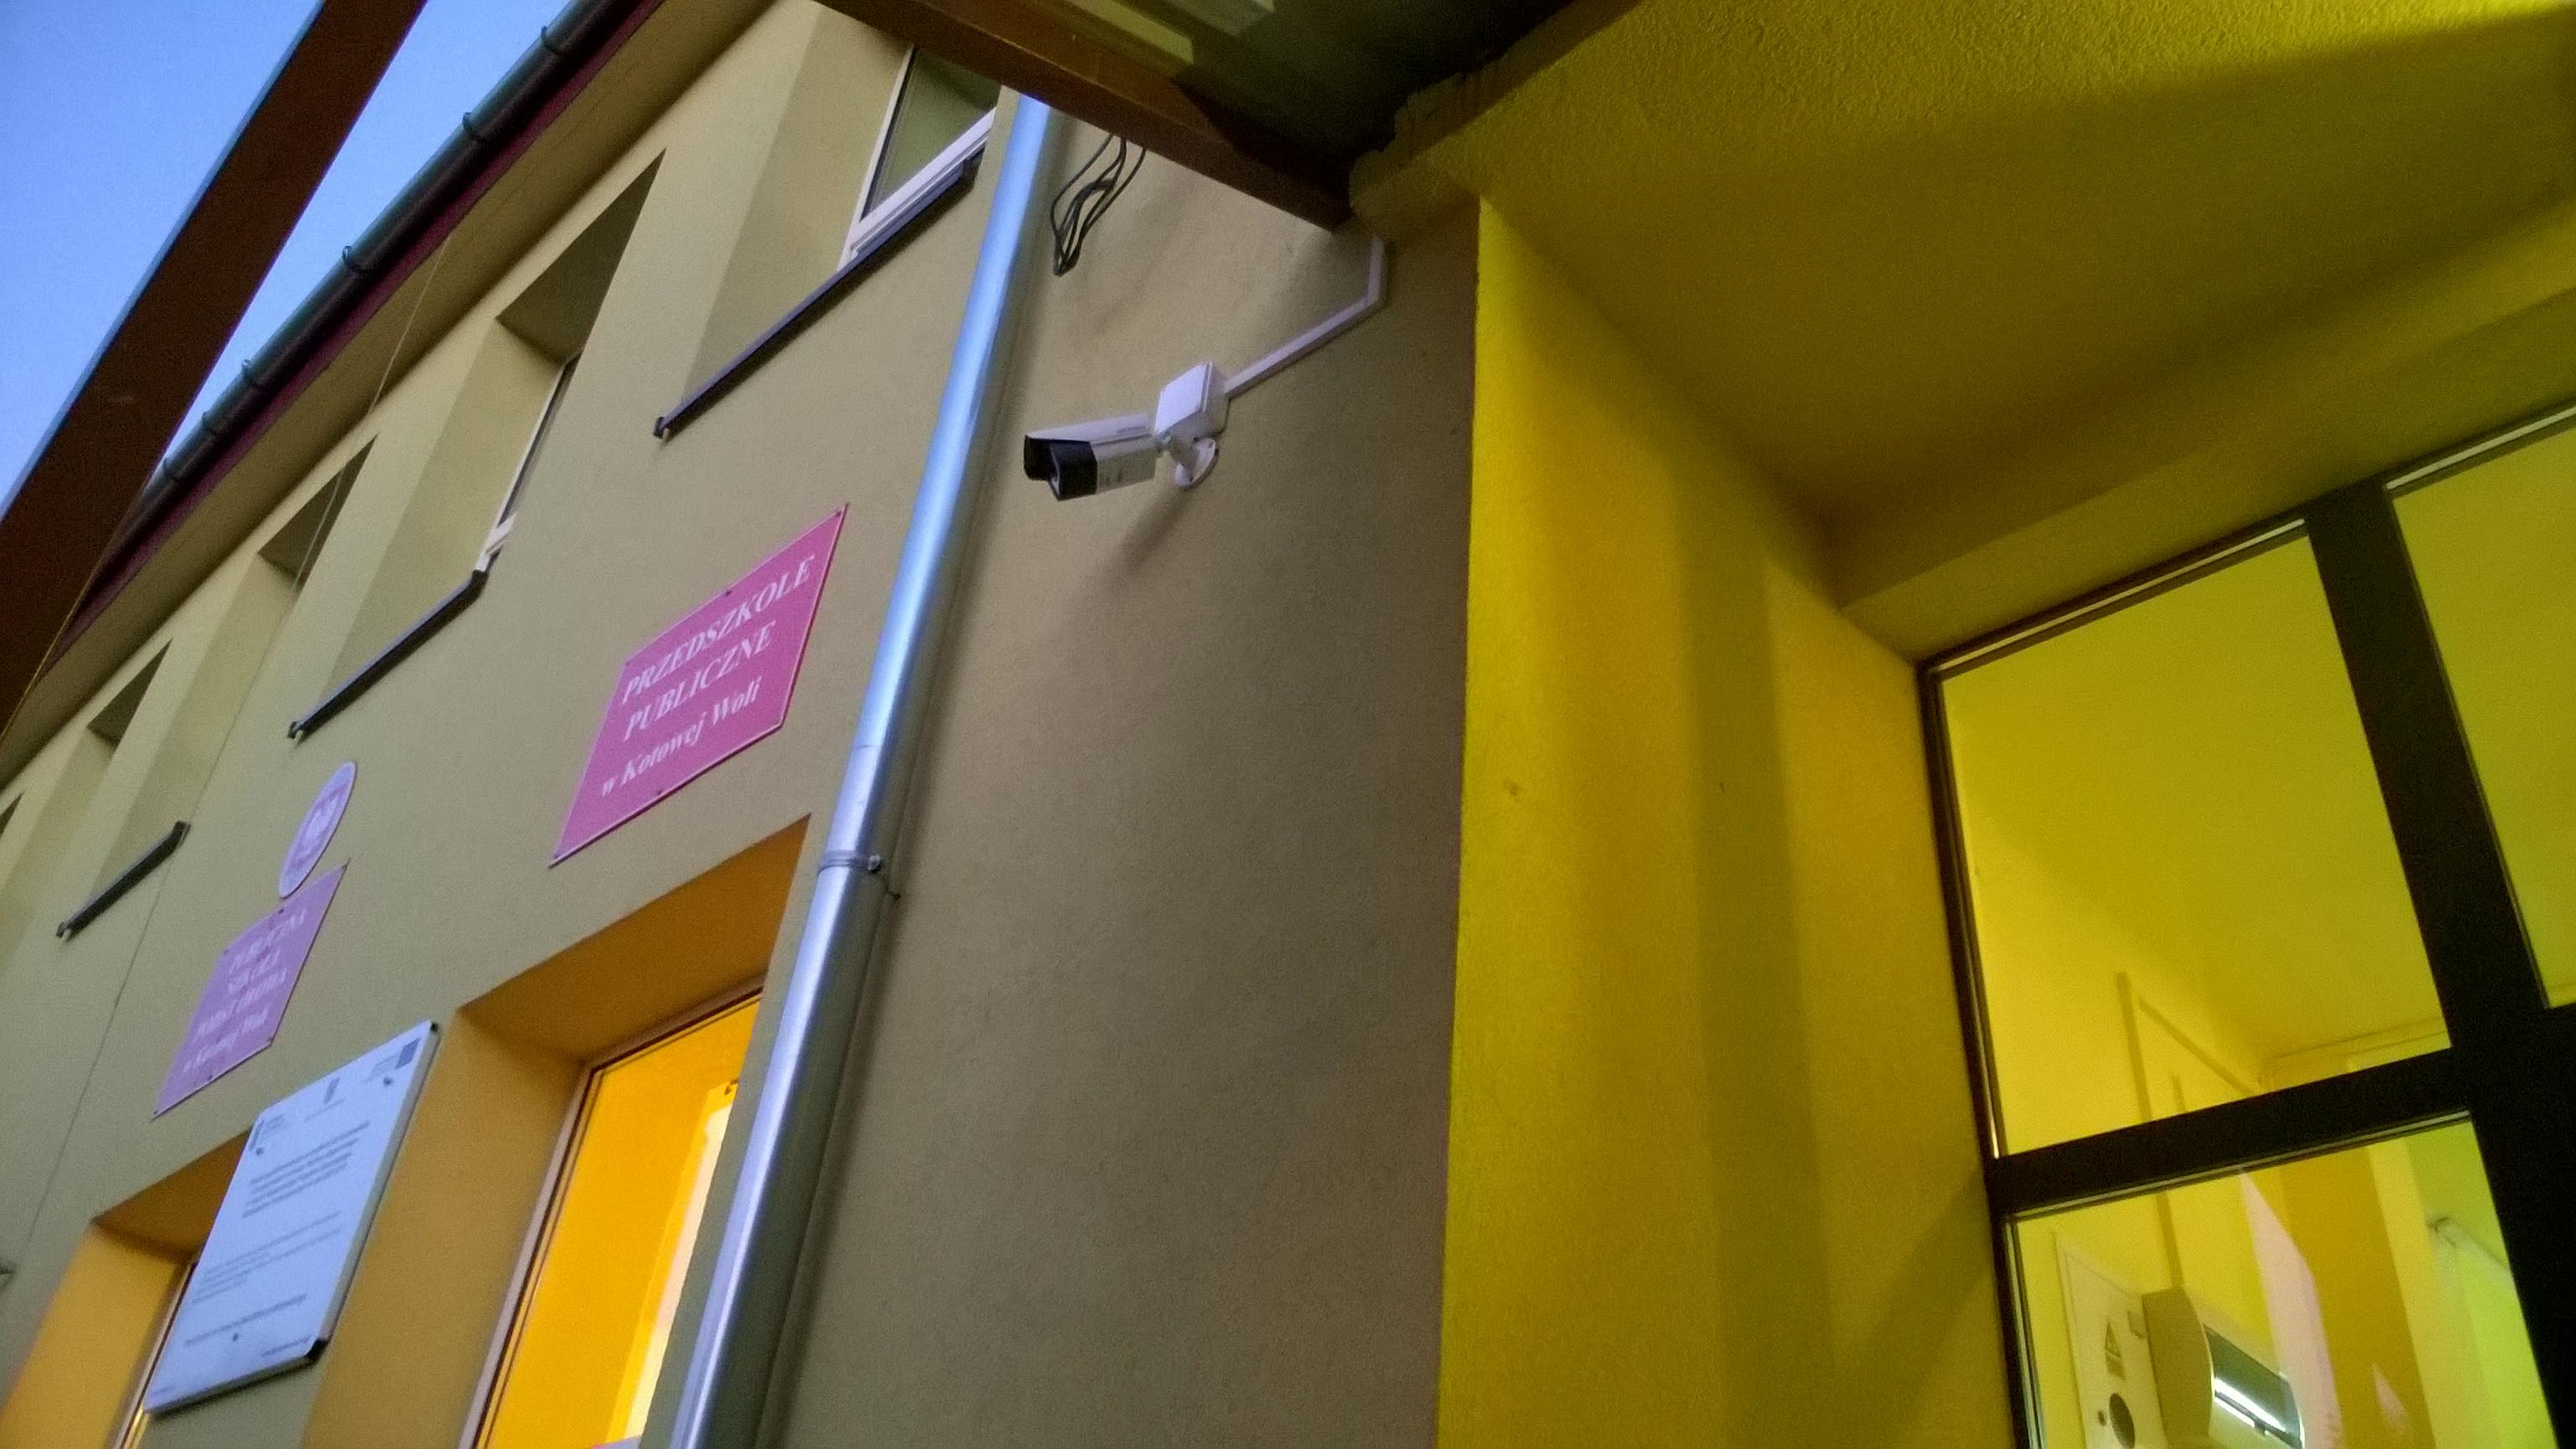 Monitoring Telewizja przemysłowa CCTV kotowa wola szkoła monitoring tarnobrzeg